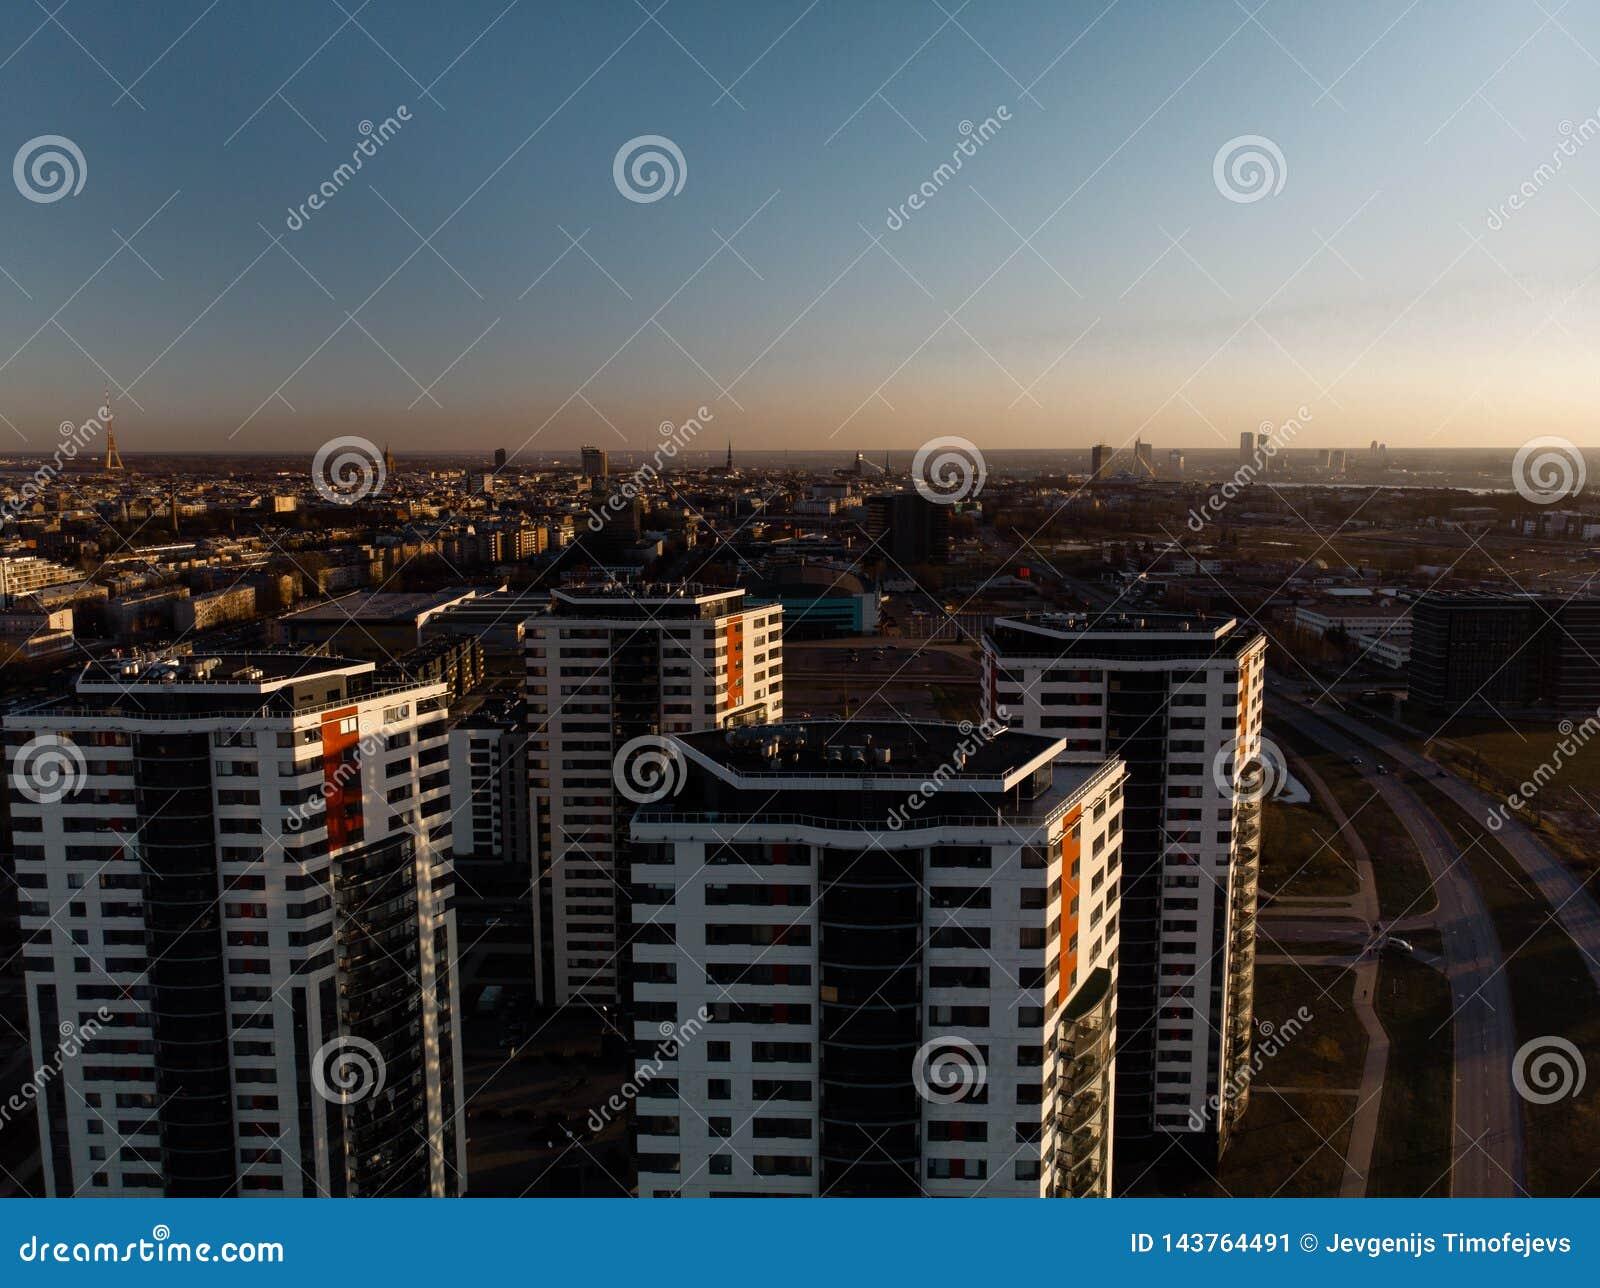 Flyg- dramatisk landskapsolnedgång med en sikt över skyskrapor i Riga, Lettland - det gamla stadcentret är synligt i